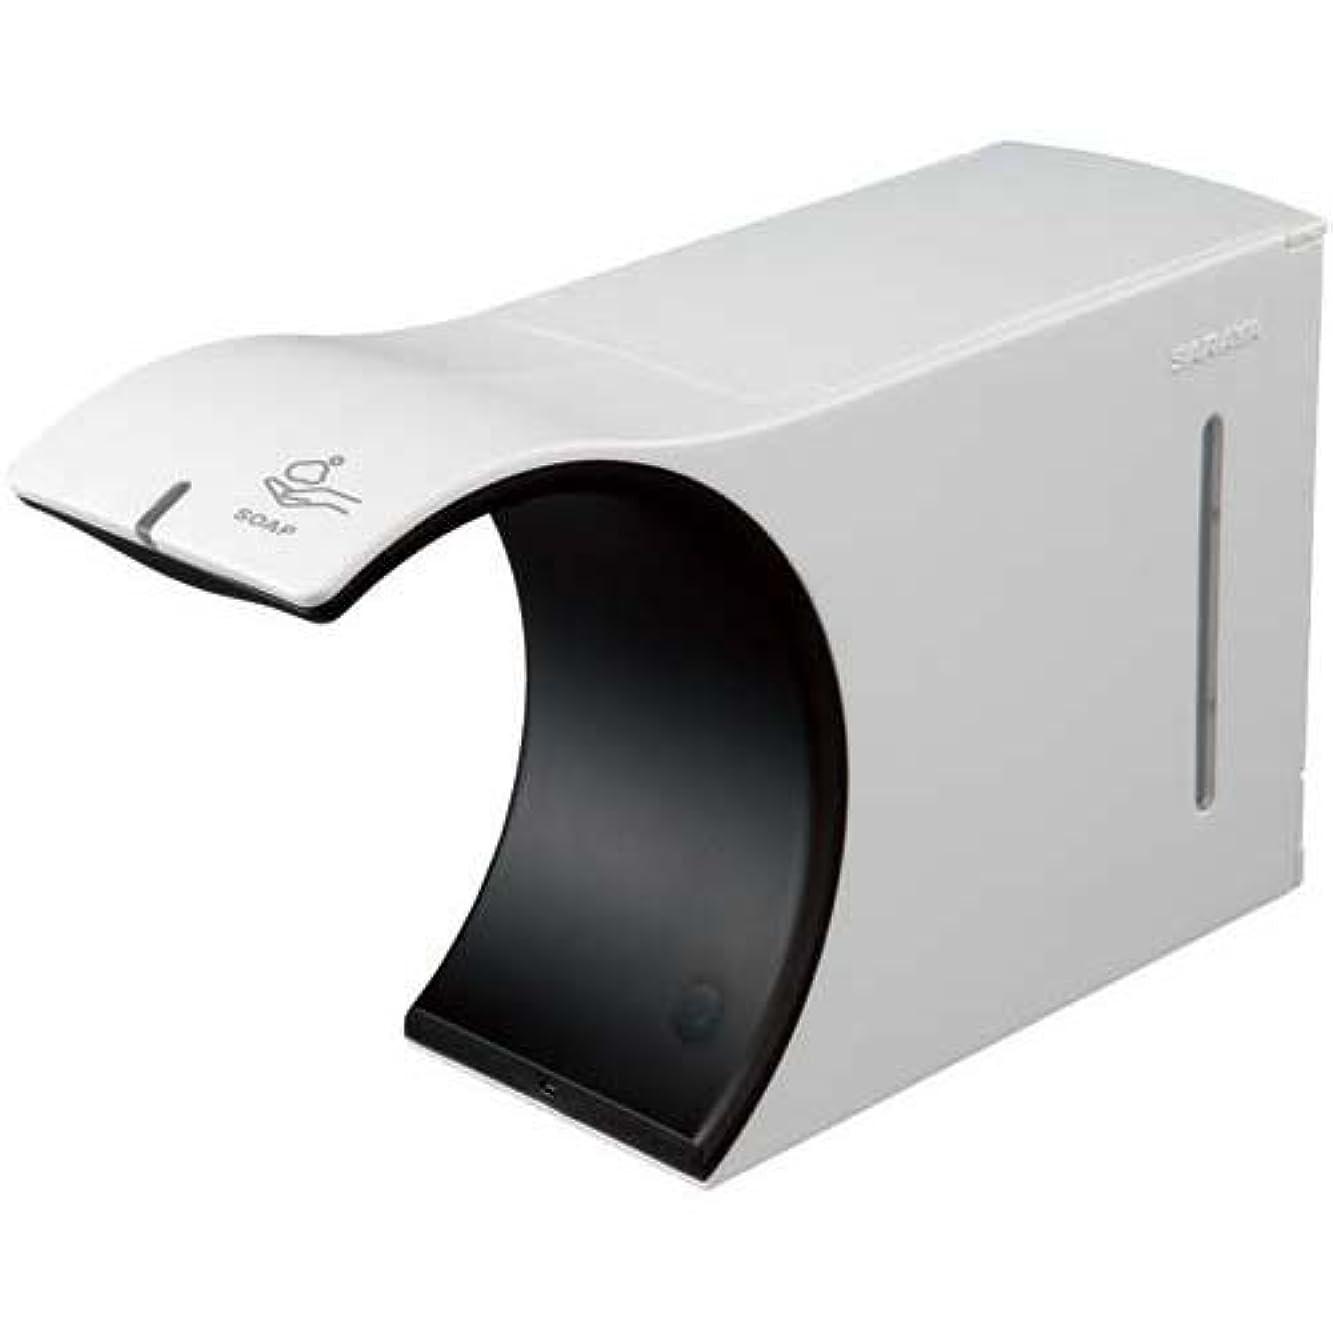 発表する変な移民ノータッチ式ディスペンサー エレフォーム UD-6000F